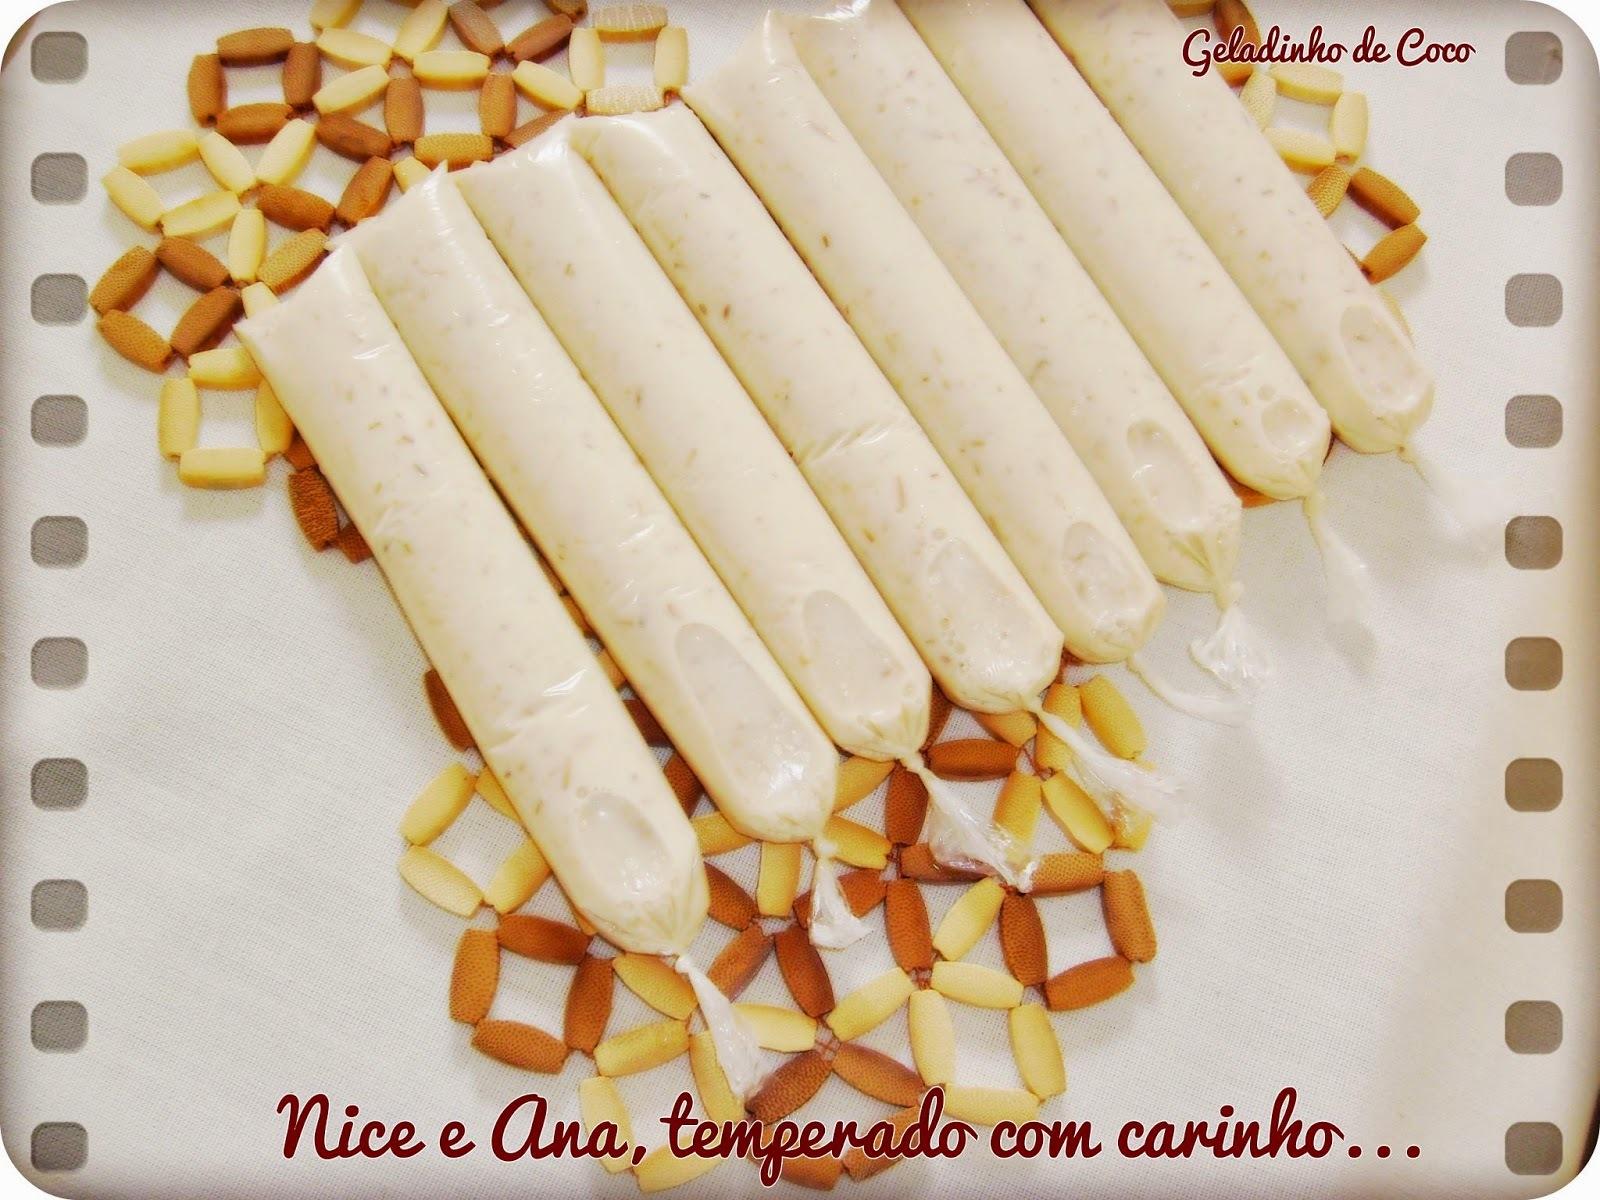 Geladinho de Coco Caramelizado